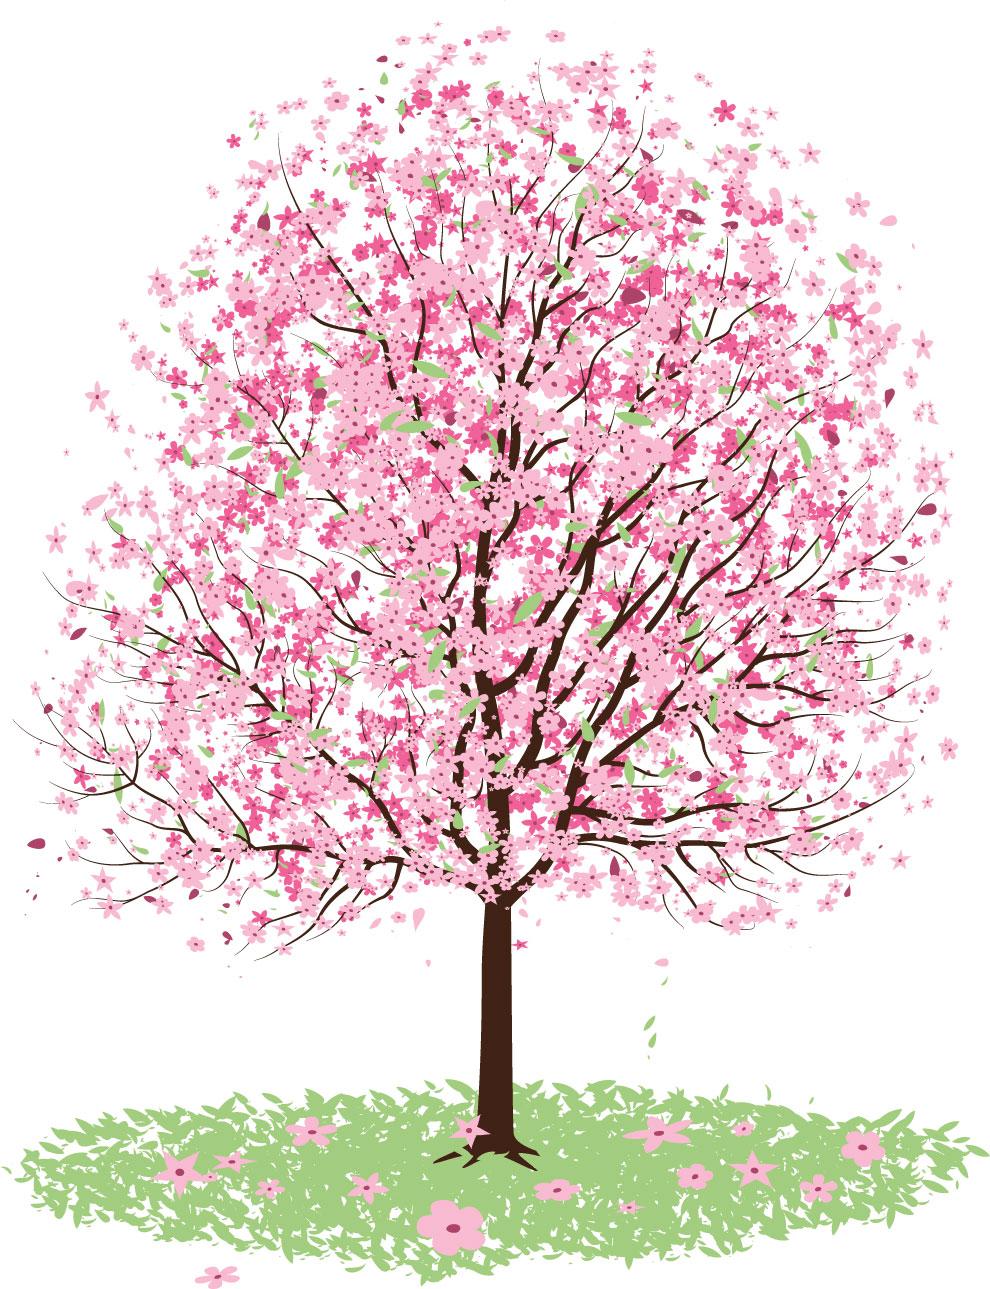 リアルタッチな花のイラストフリー素材no1049桜の木